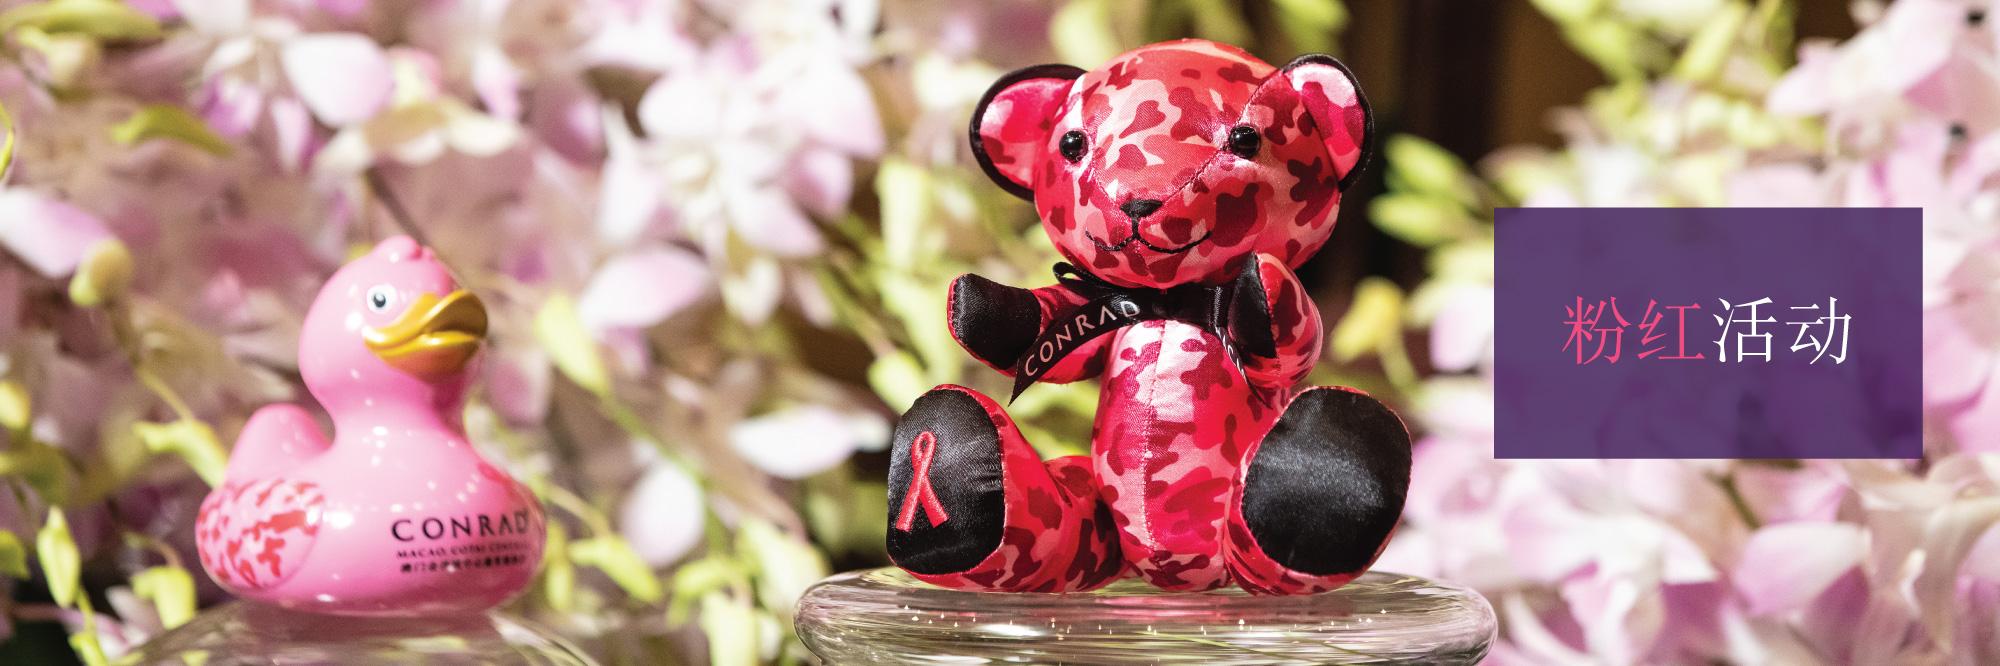 澳门康莱德酒店呈献2019 「粉红活动 」 以提升社会大众对乳癌的关注